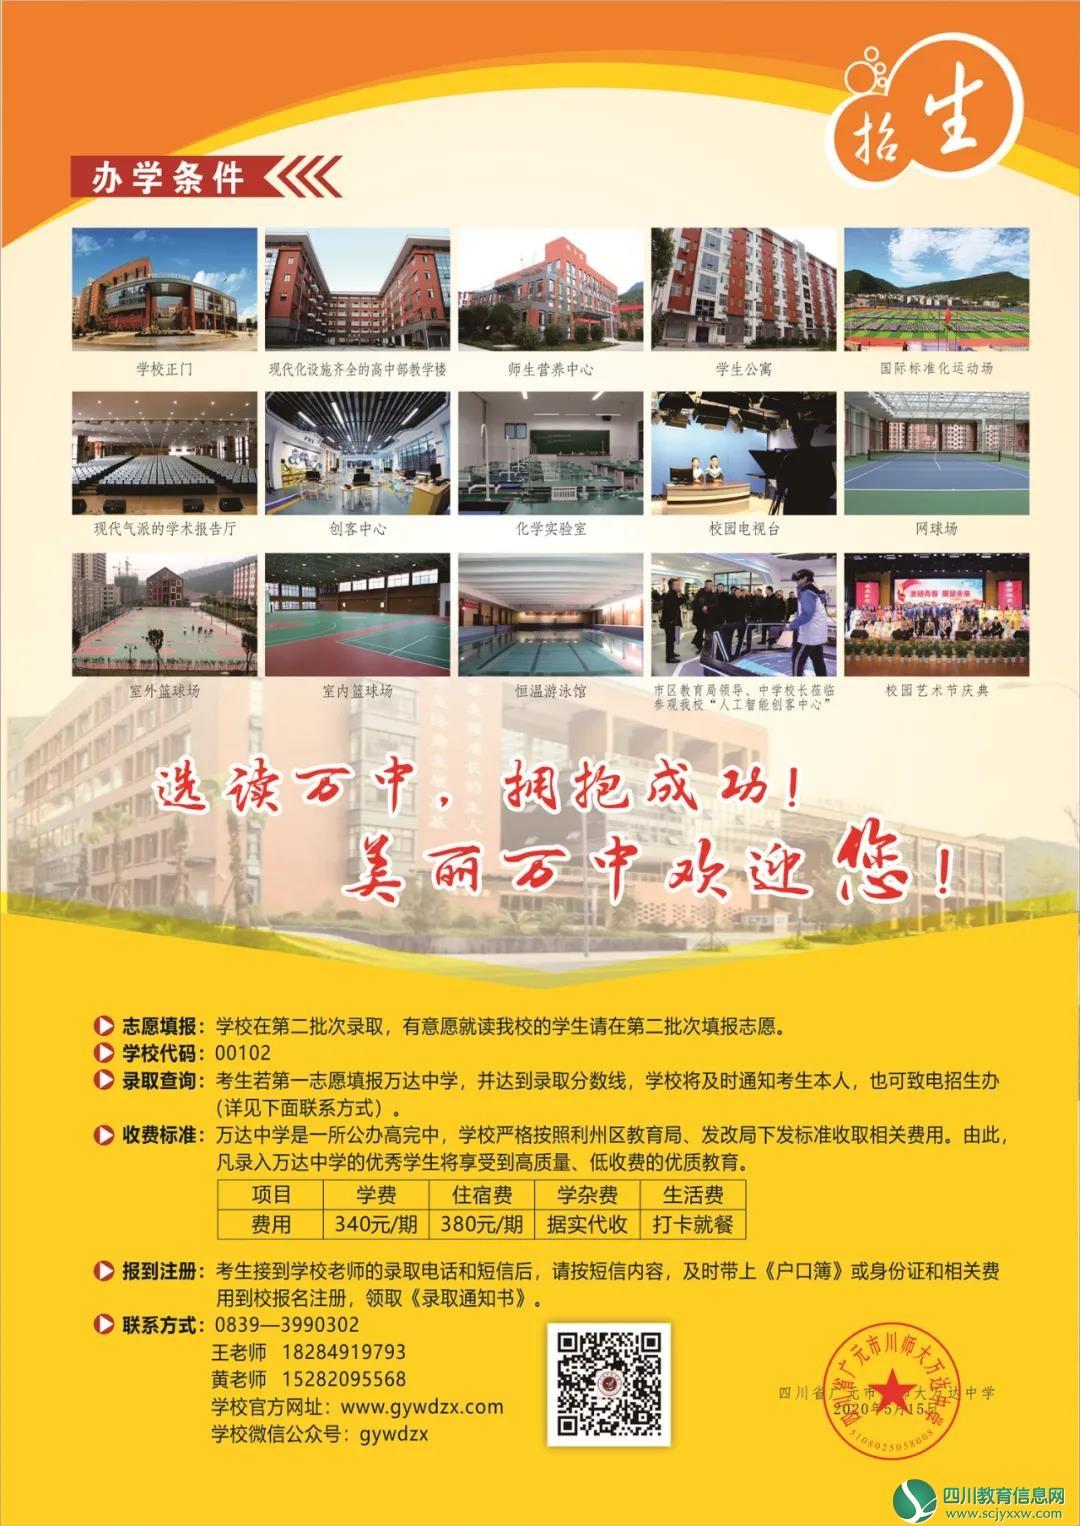 广元市川师大万达中学高中部2020年招生简章